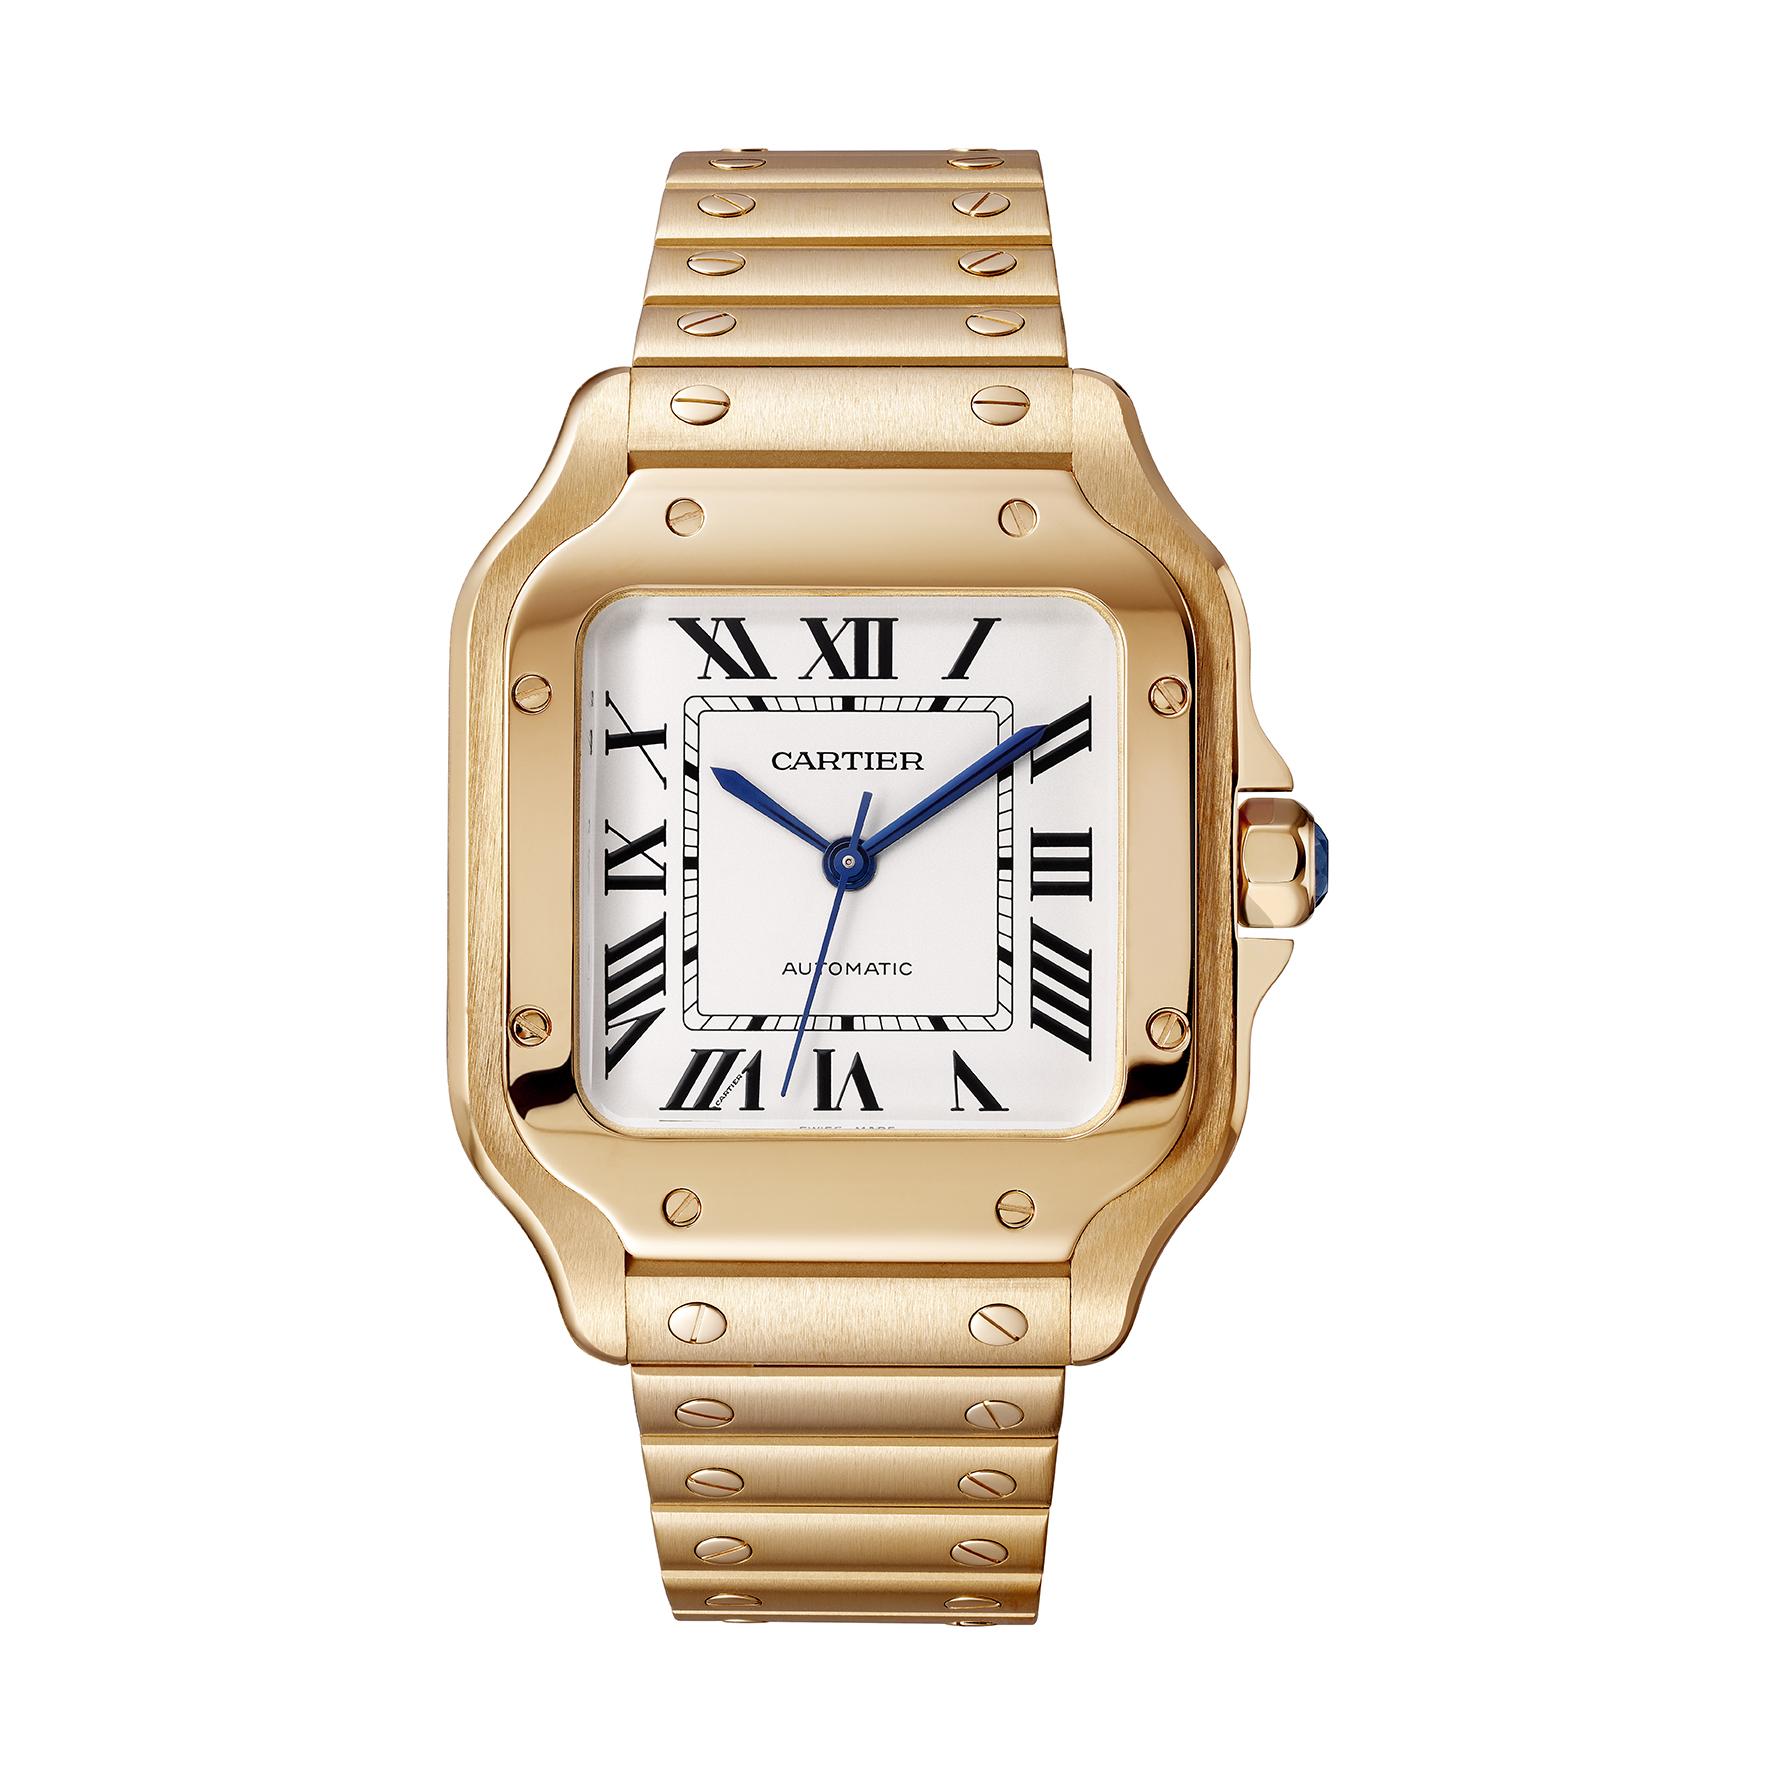 988af52e02c Los 10 relojes que todo coleccionista debe tener